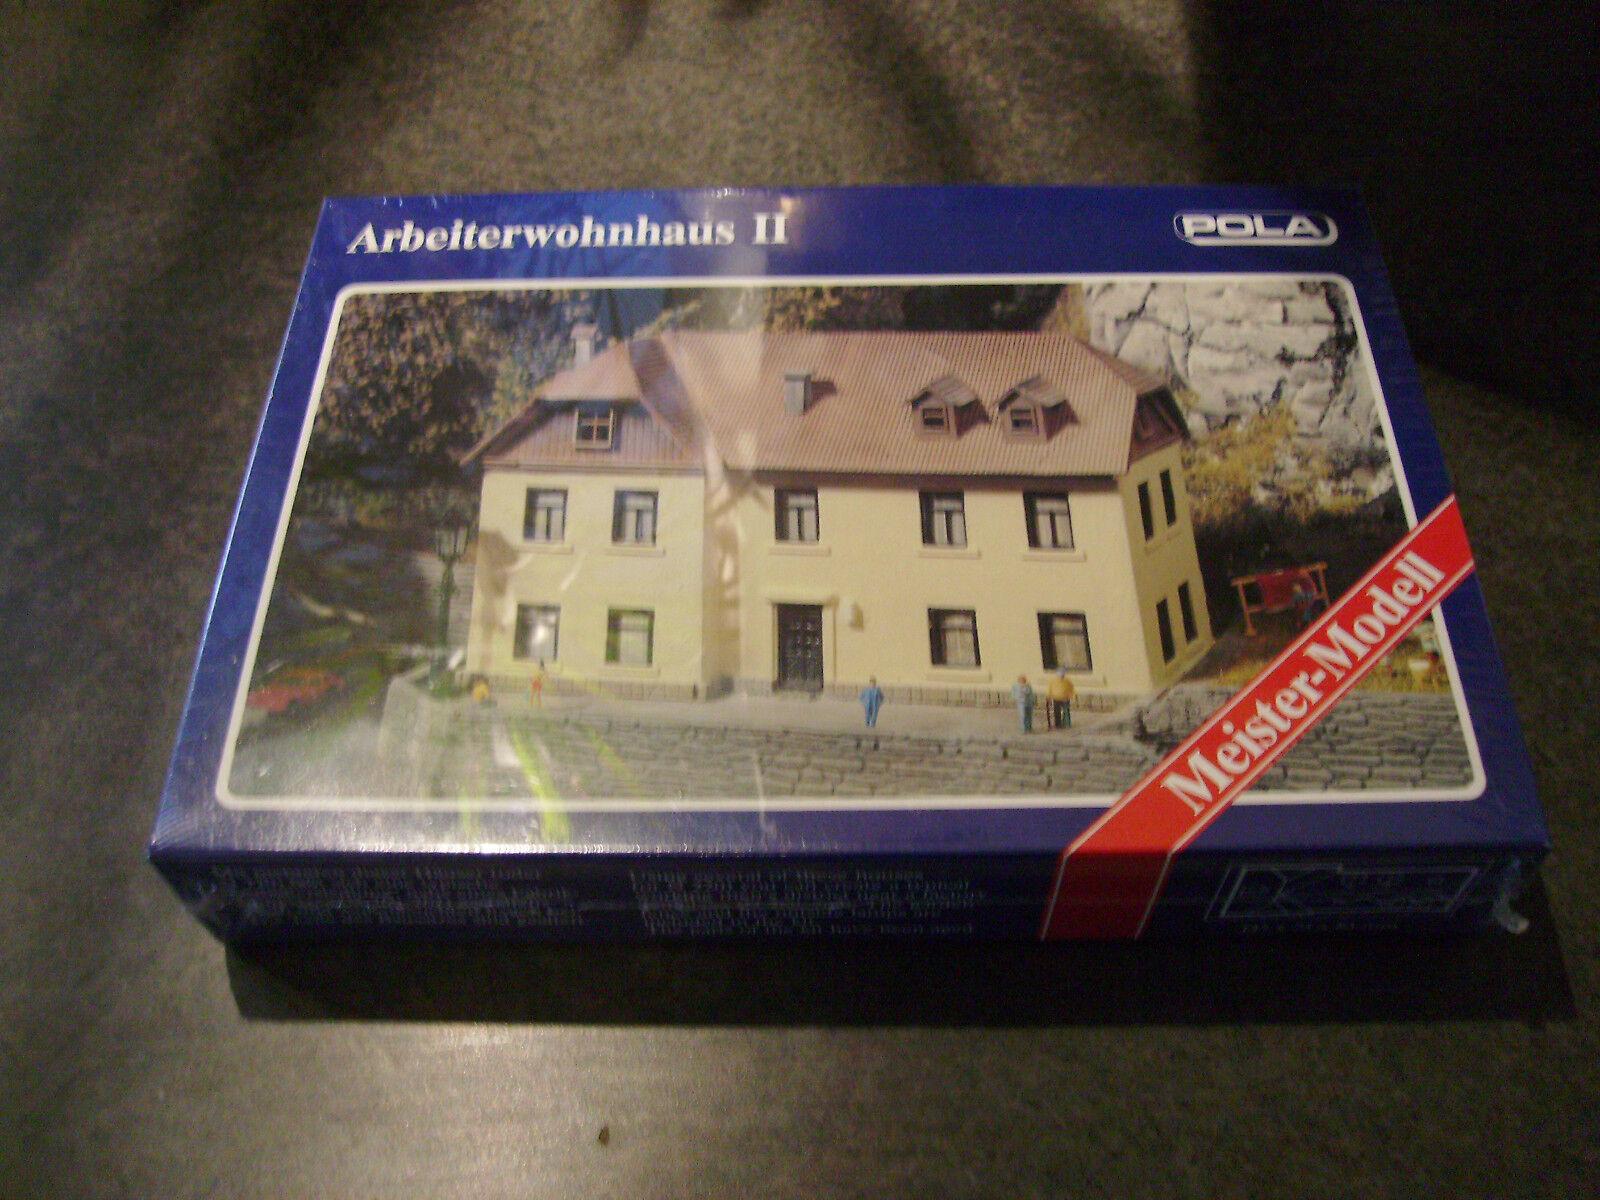 POLA N 258 Arbeiterwohnhaus II N-Scale Model NEW